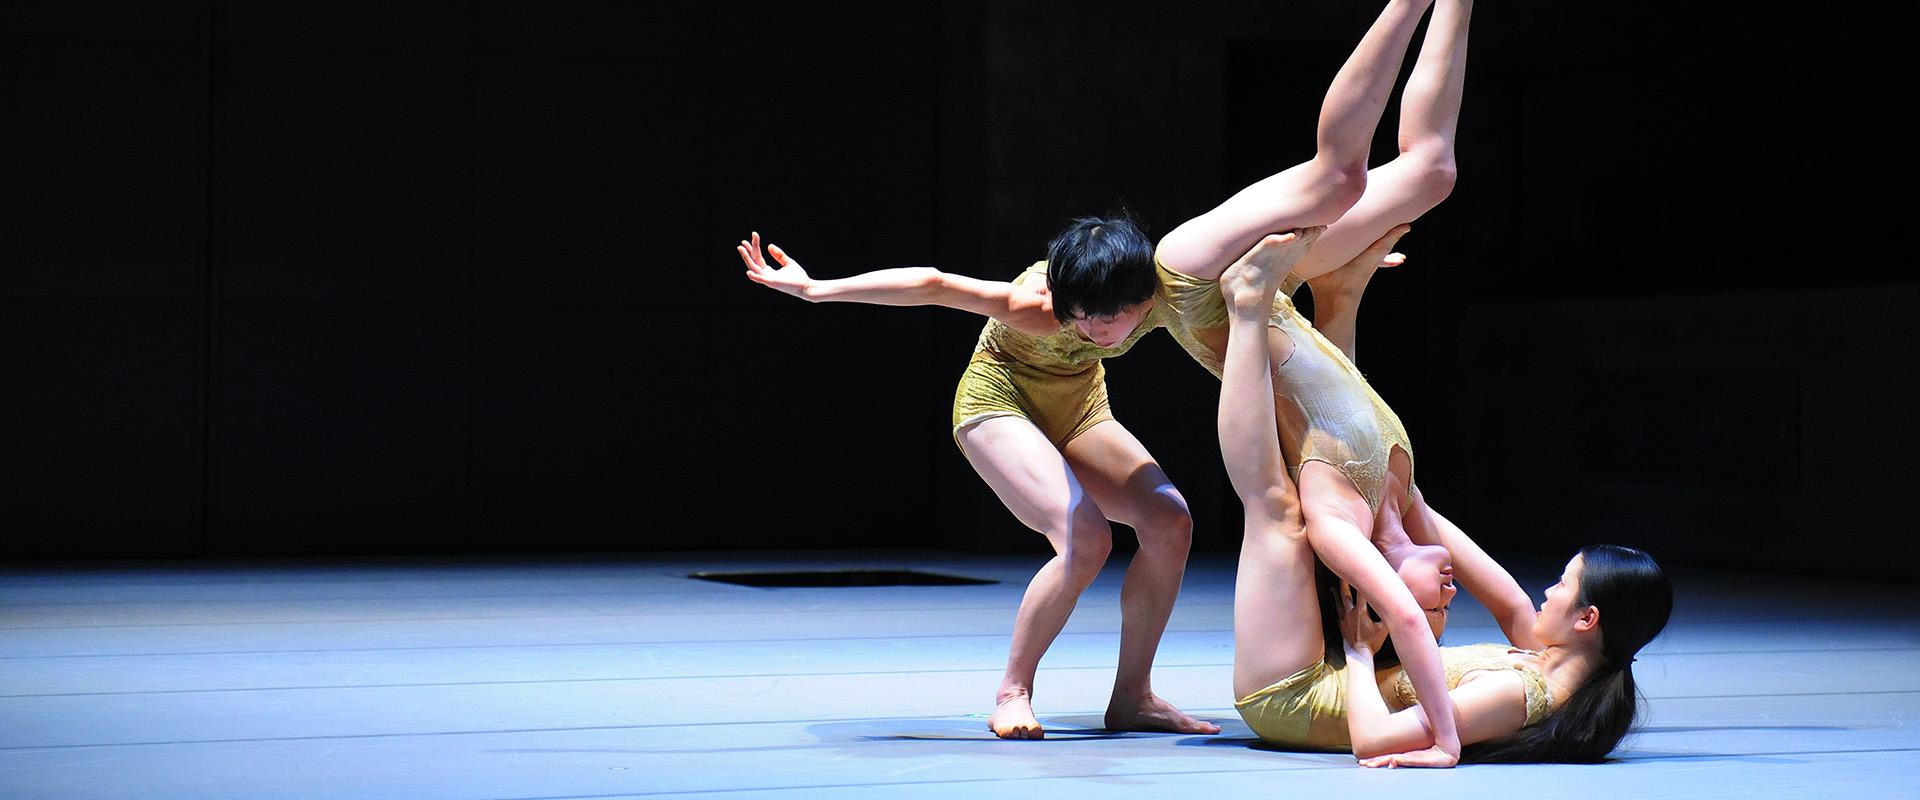 Banniere de Dansu, la nouvelle danse japonaise